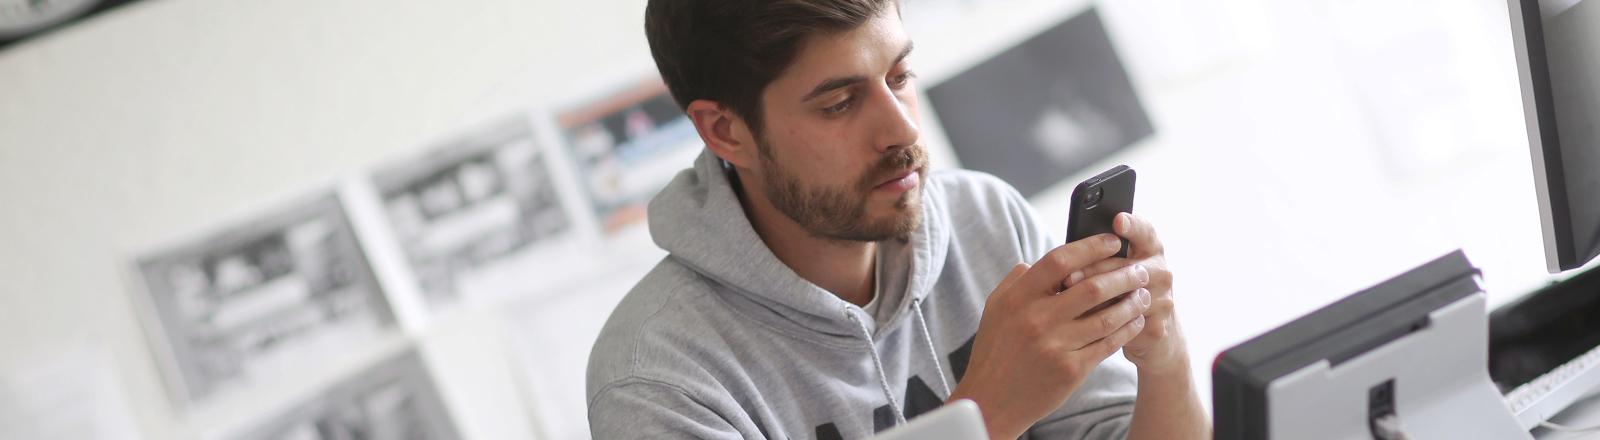 Daniel Bröckerhoff sitzt am Schreibtisch und schaut auf sein Handy.